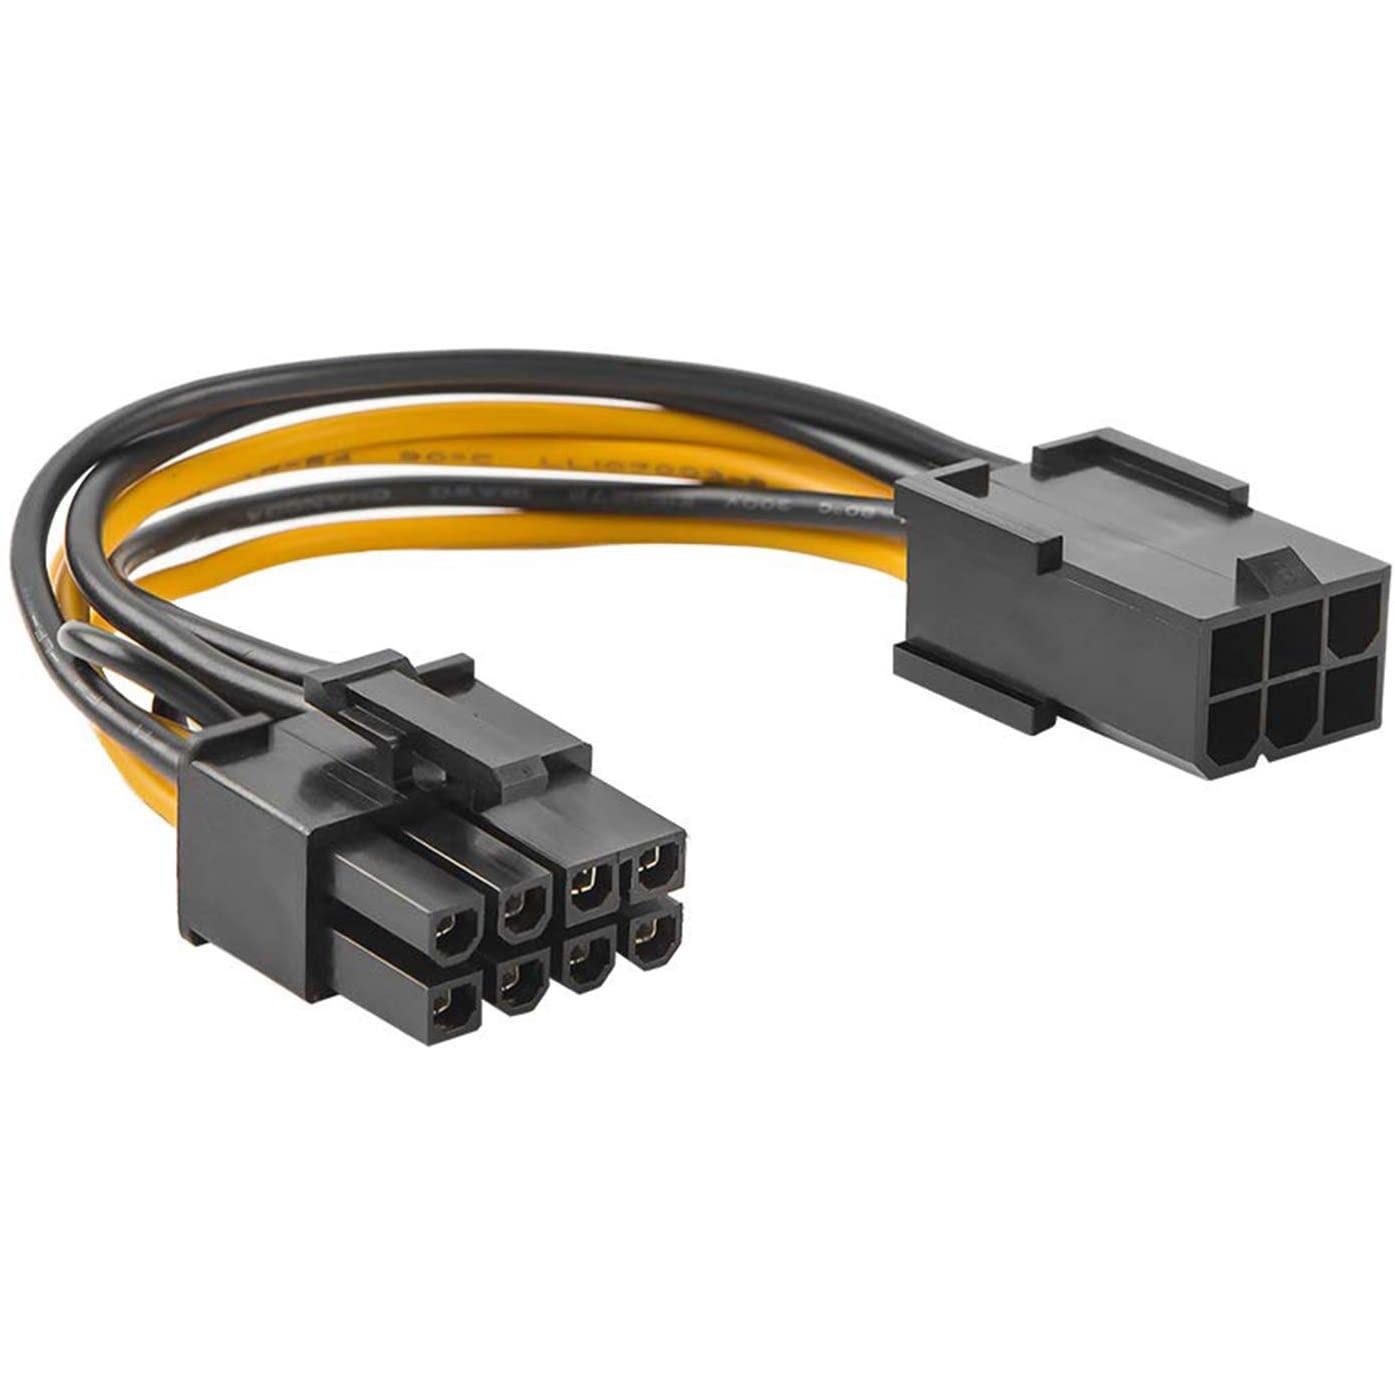 P4/P6/P8 Cables